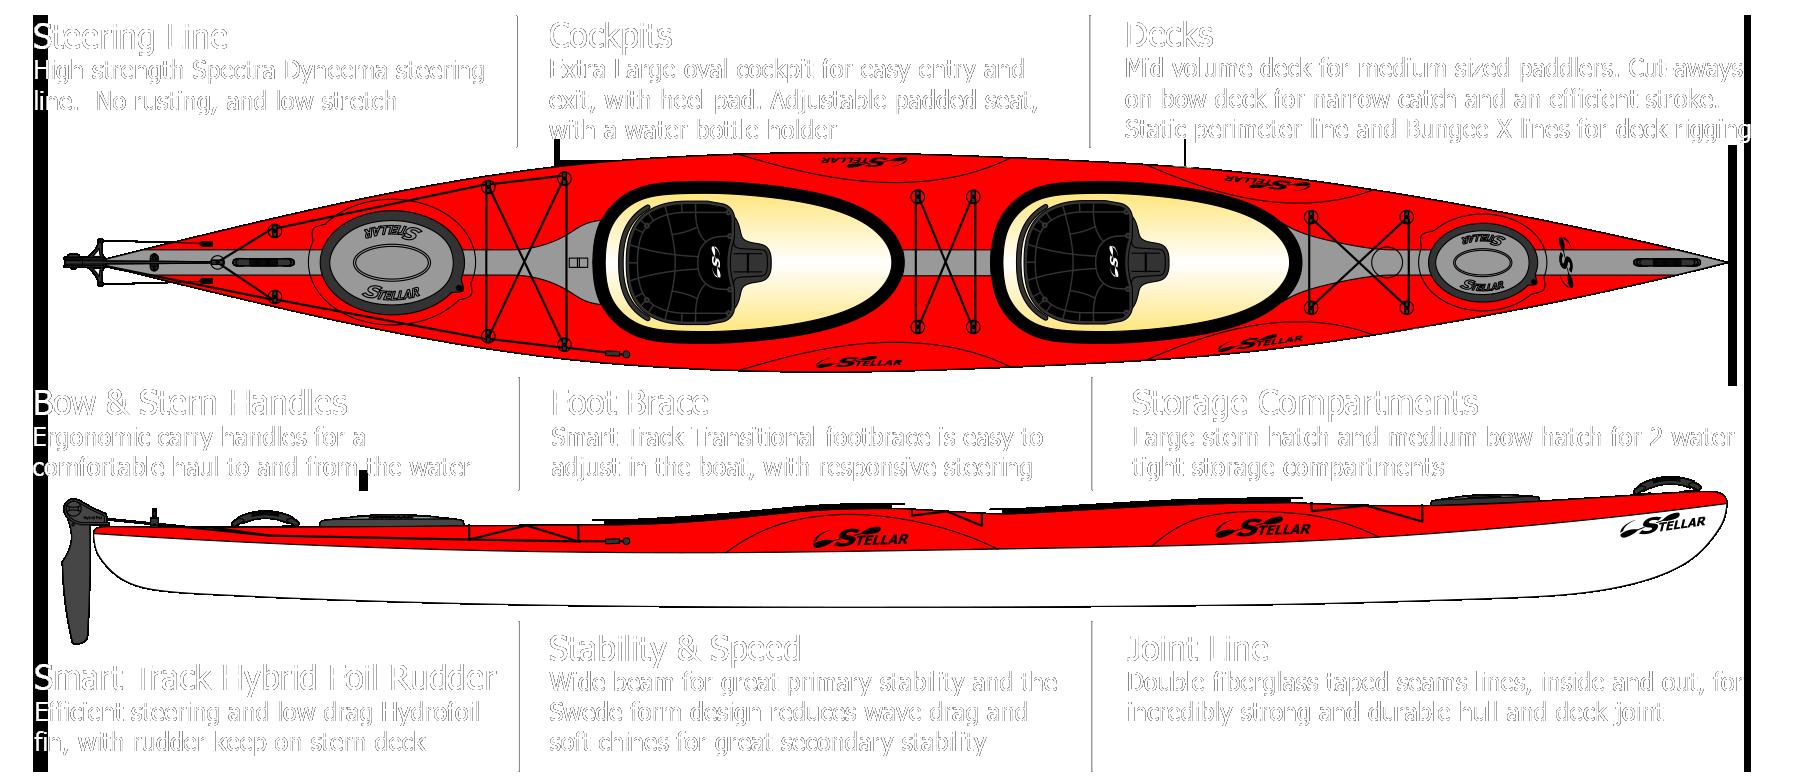 Stellar Tandem 17' Touring Kayak (ST17) - Stellar Kayaks